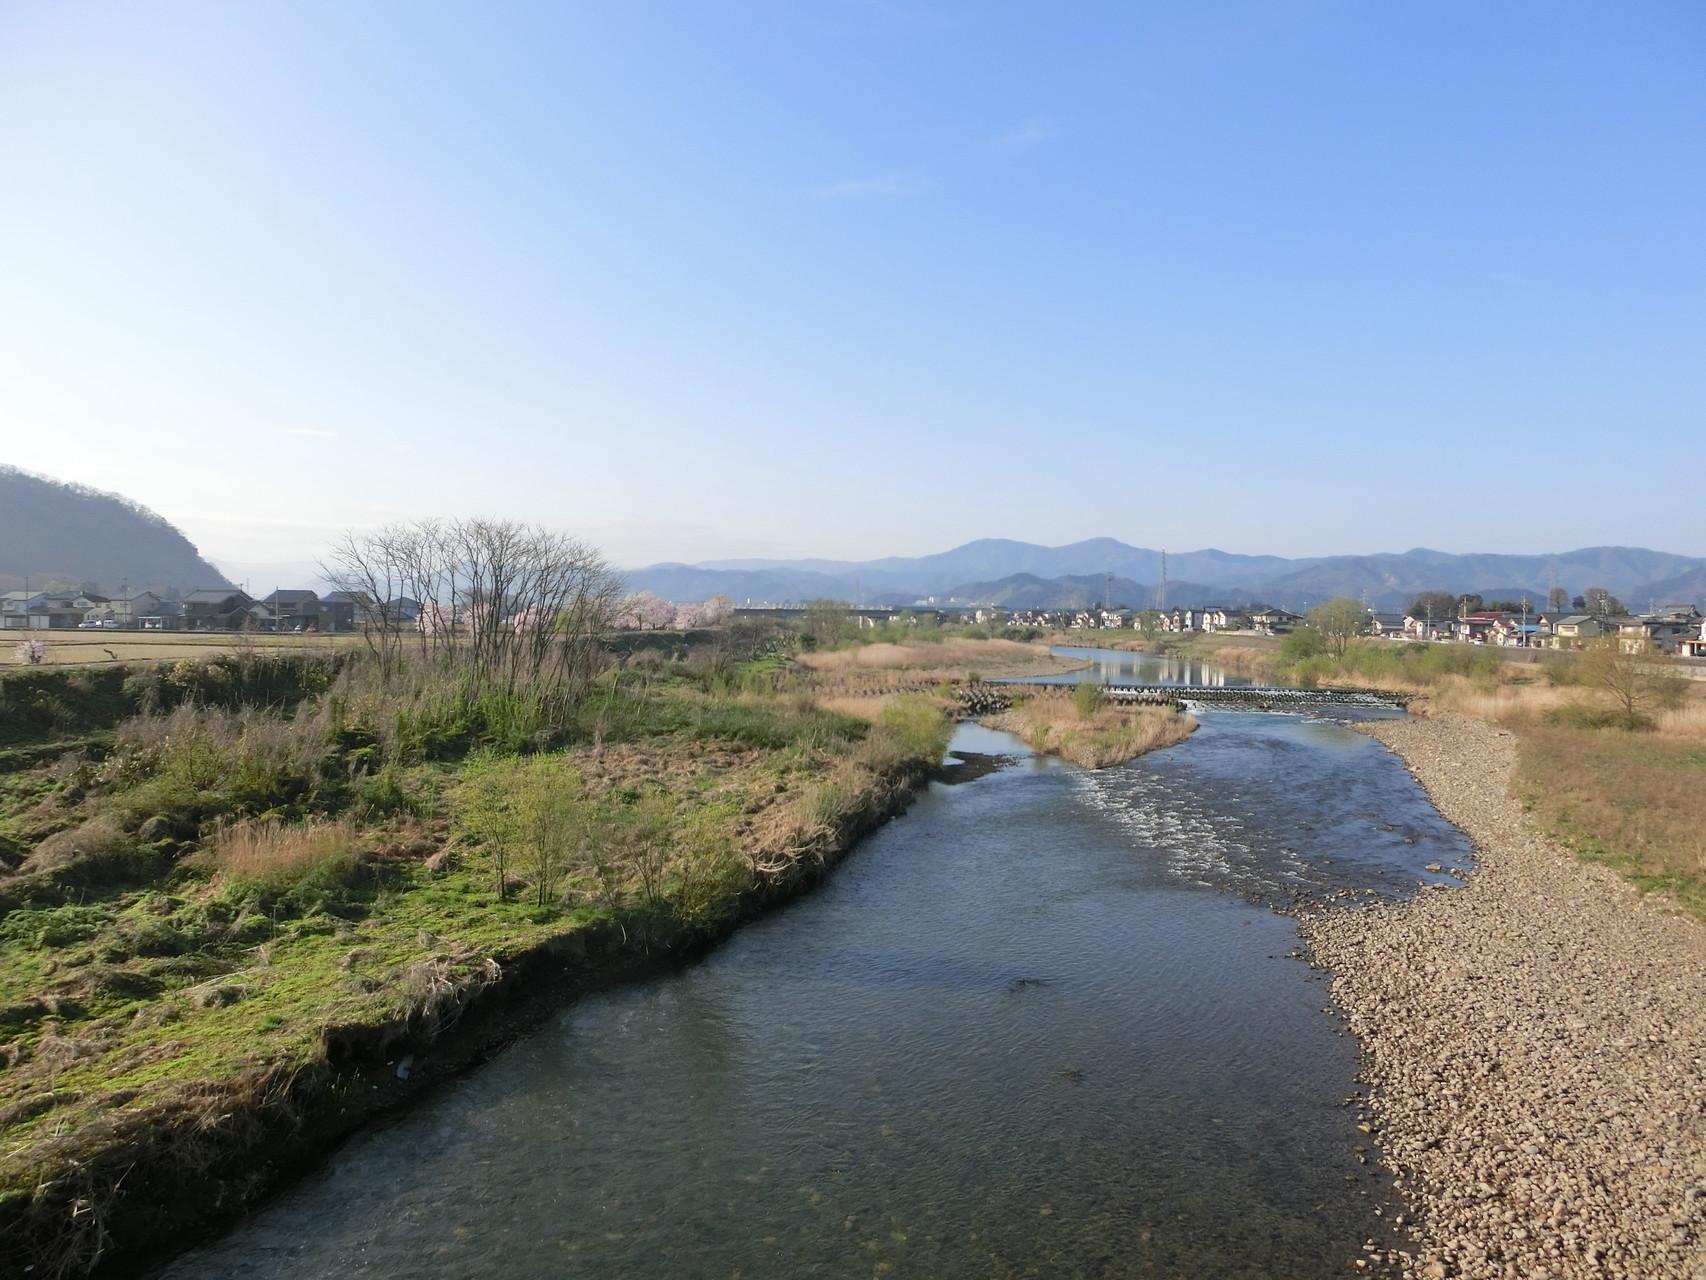 H28.4.2 8時 越前市 日野大橋上流